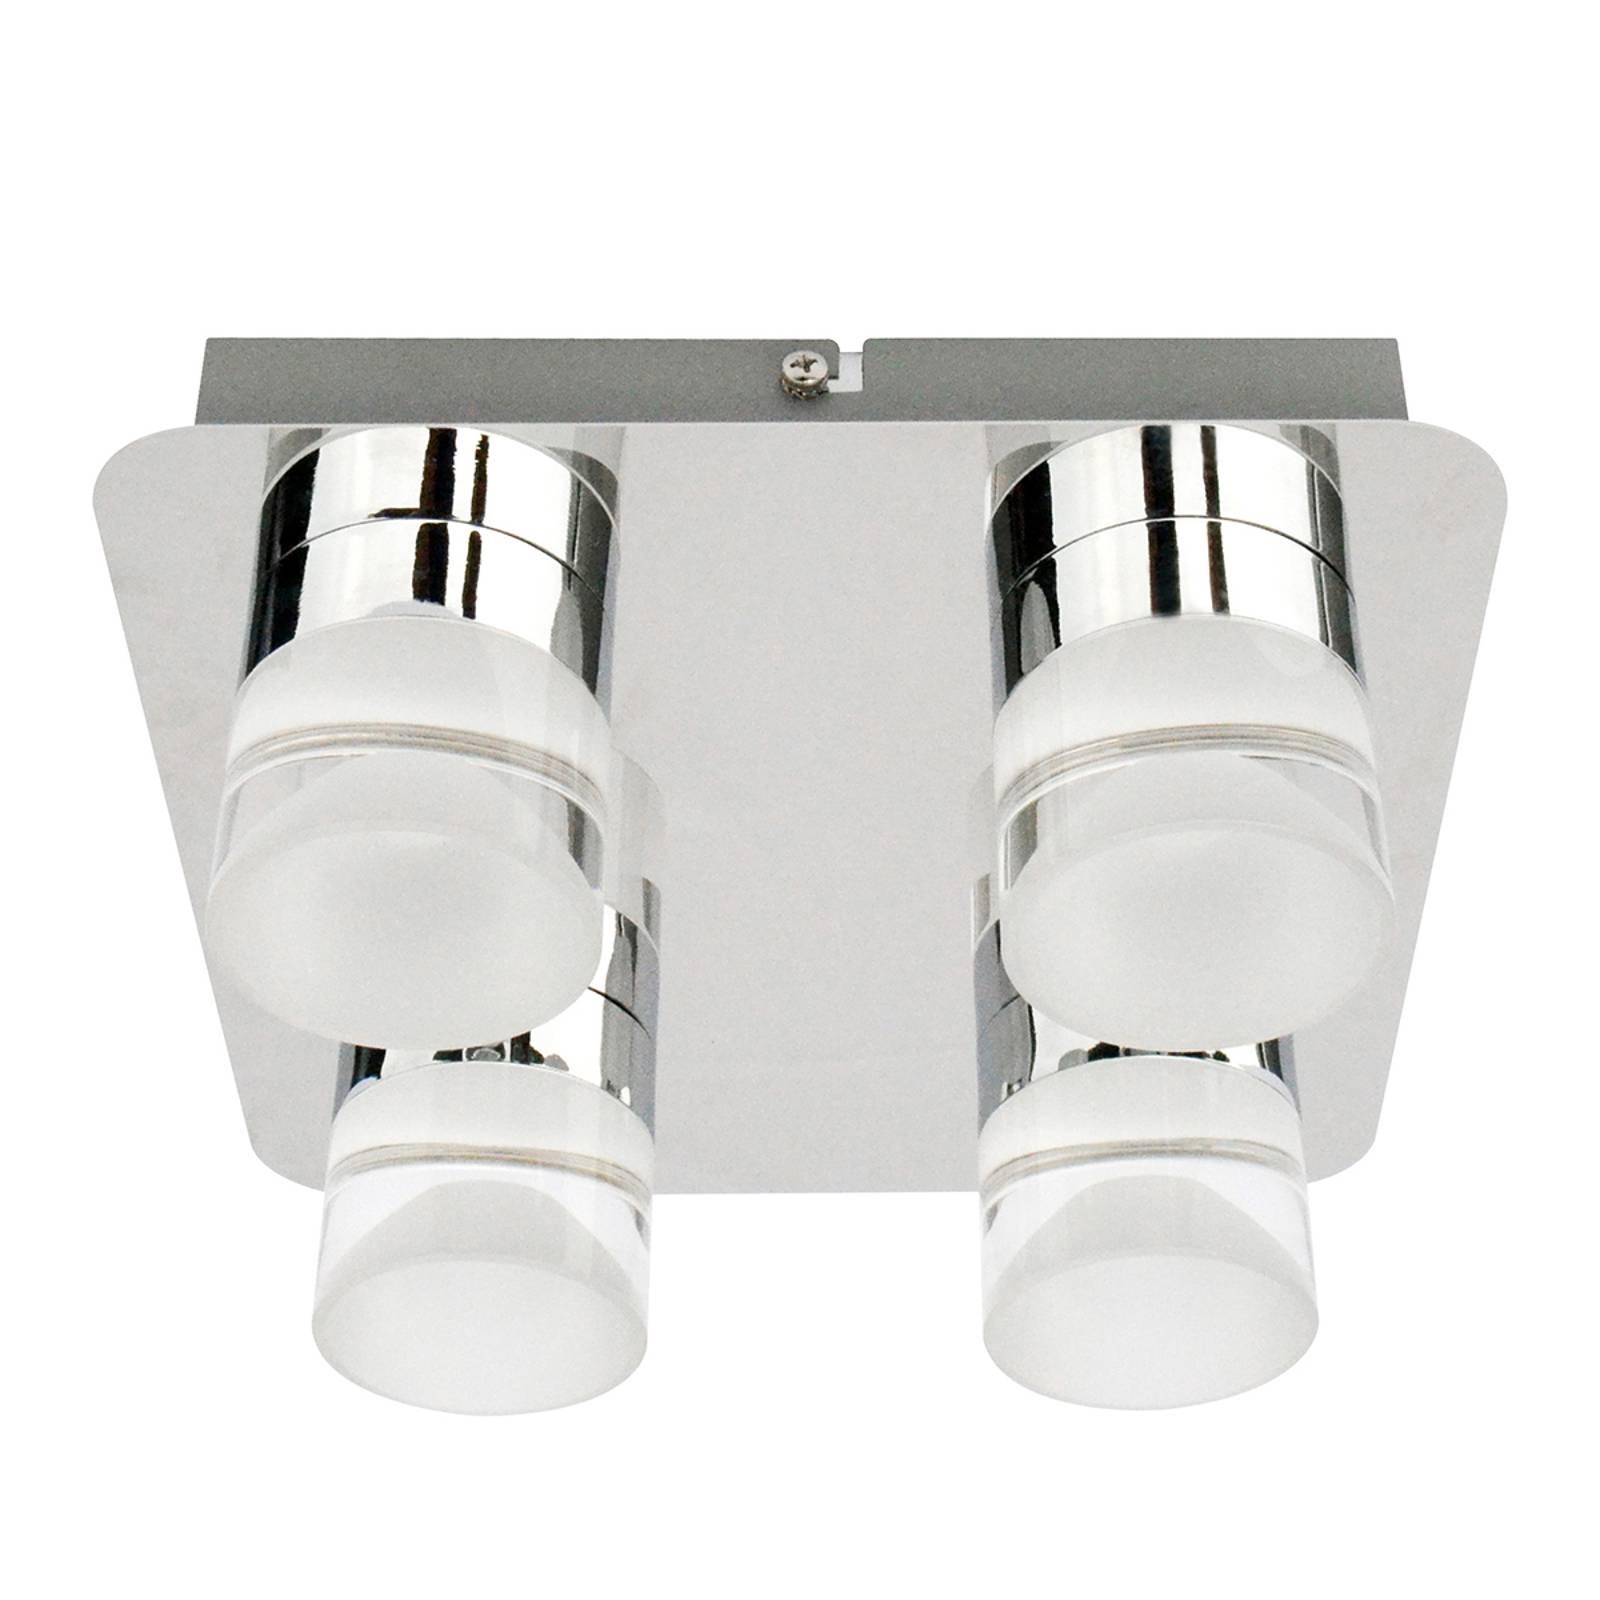 Lampa sufitowa LED Stefanie z 4 źródłami światła